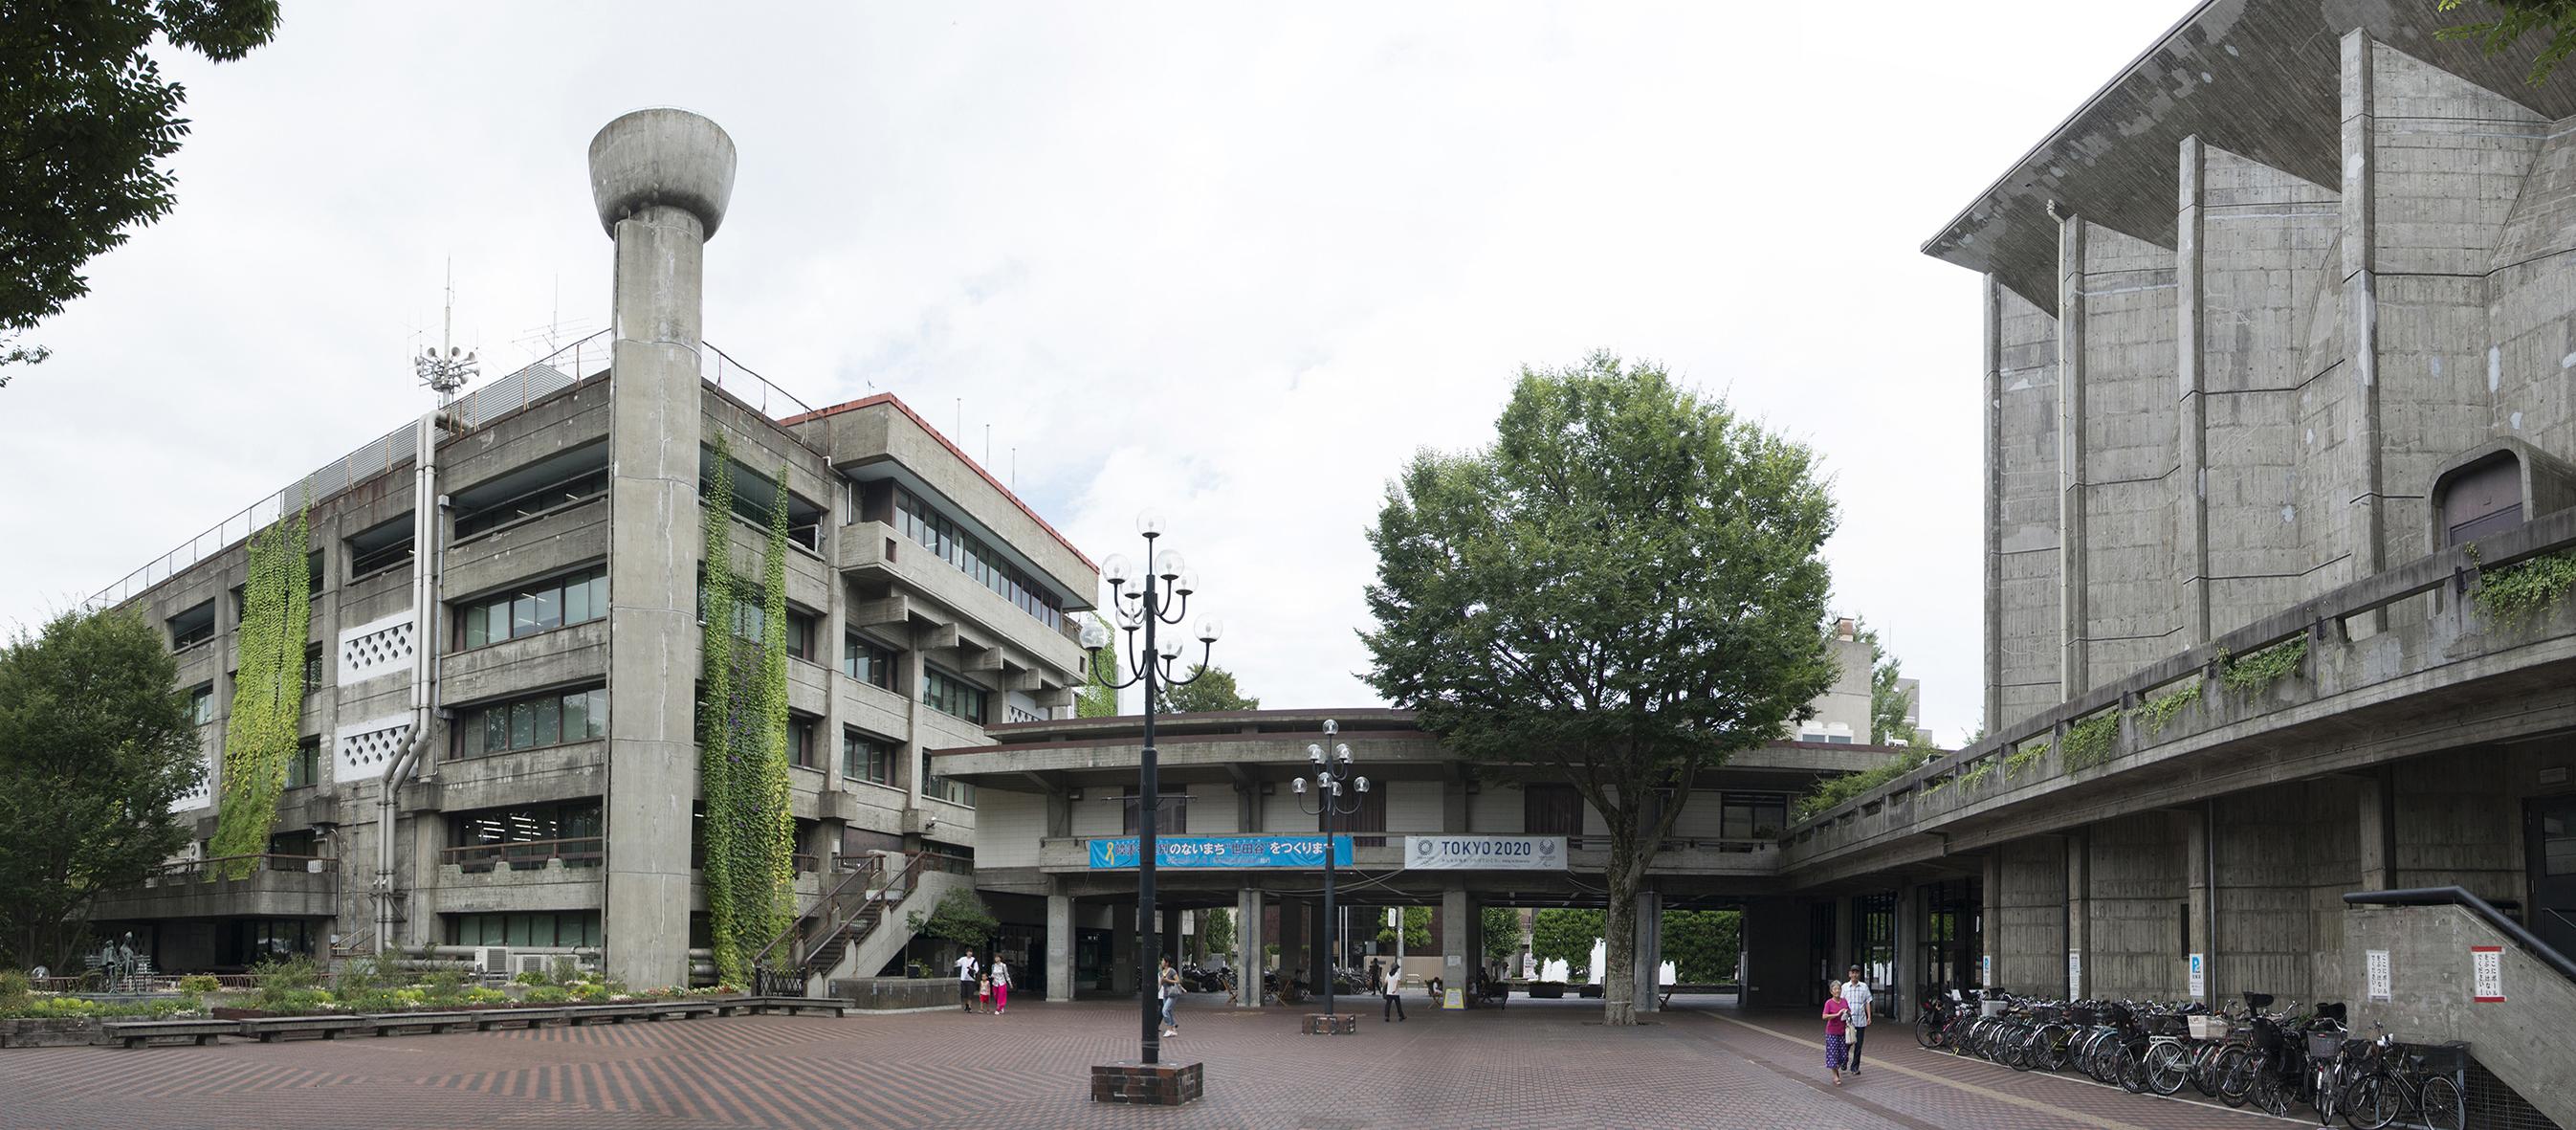 公開プレゼンに向け提案パネルを展示/世田谷区本庁舎・区民会館建替